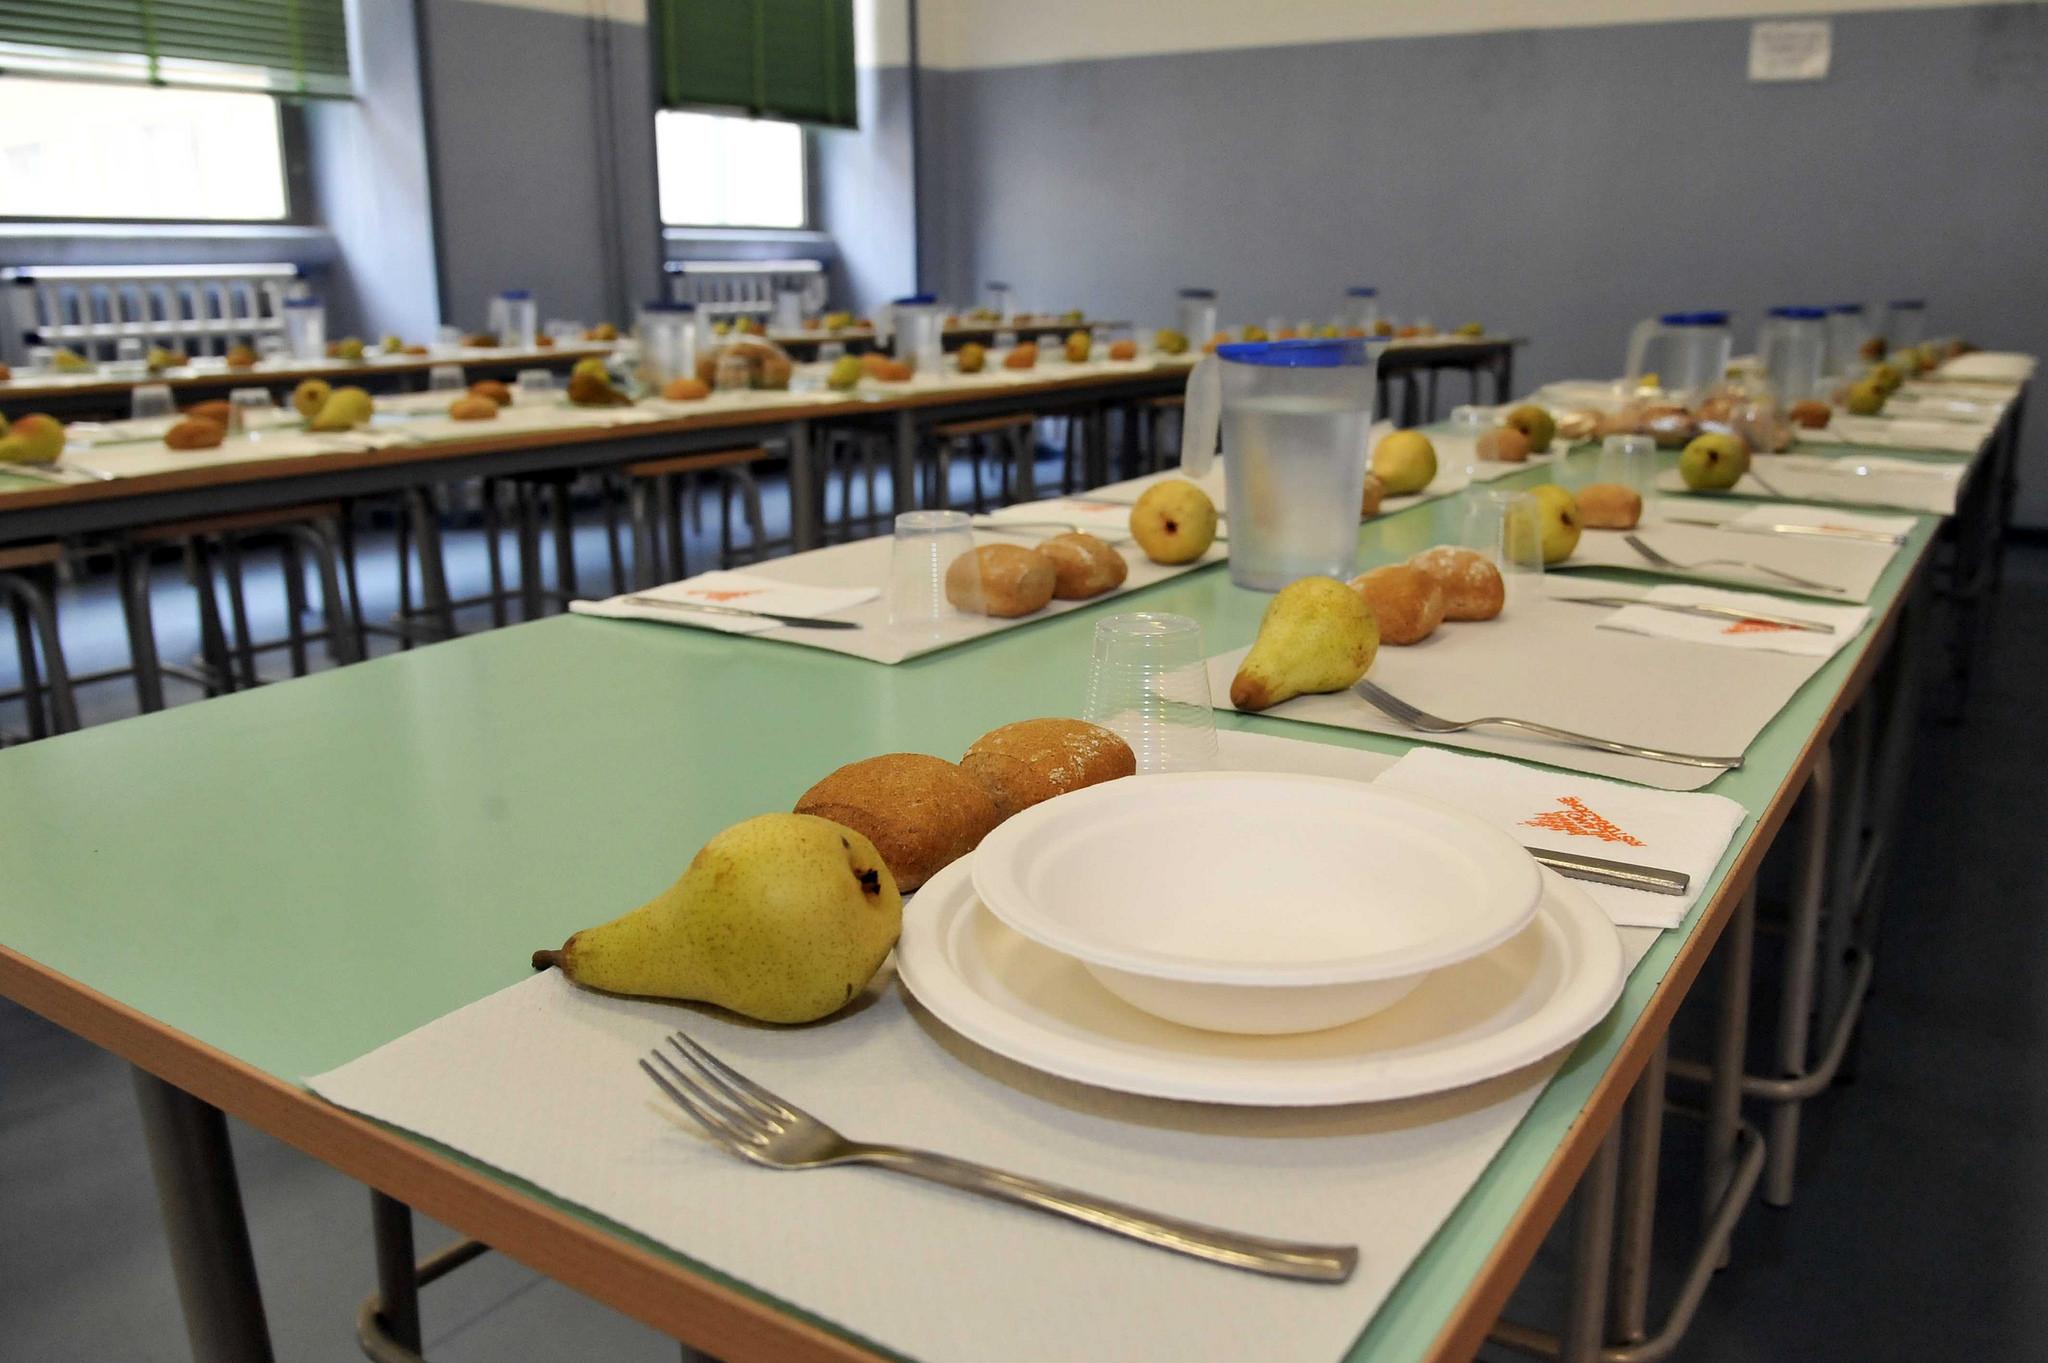 Mense scolastiche, menu senza glutine per la settimana nazionale della celiachia